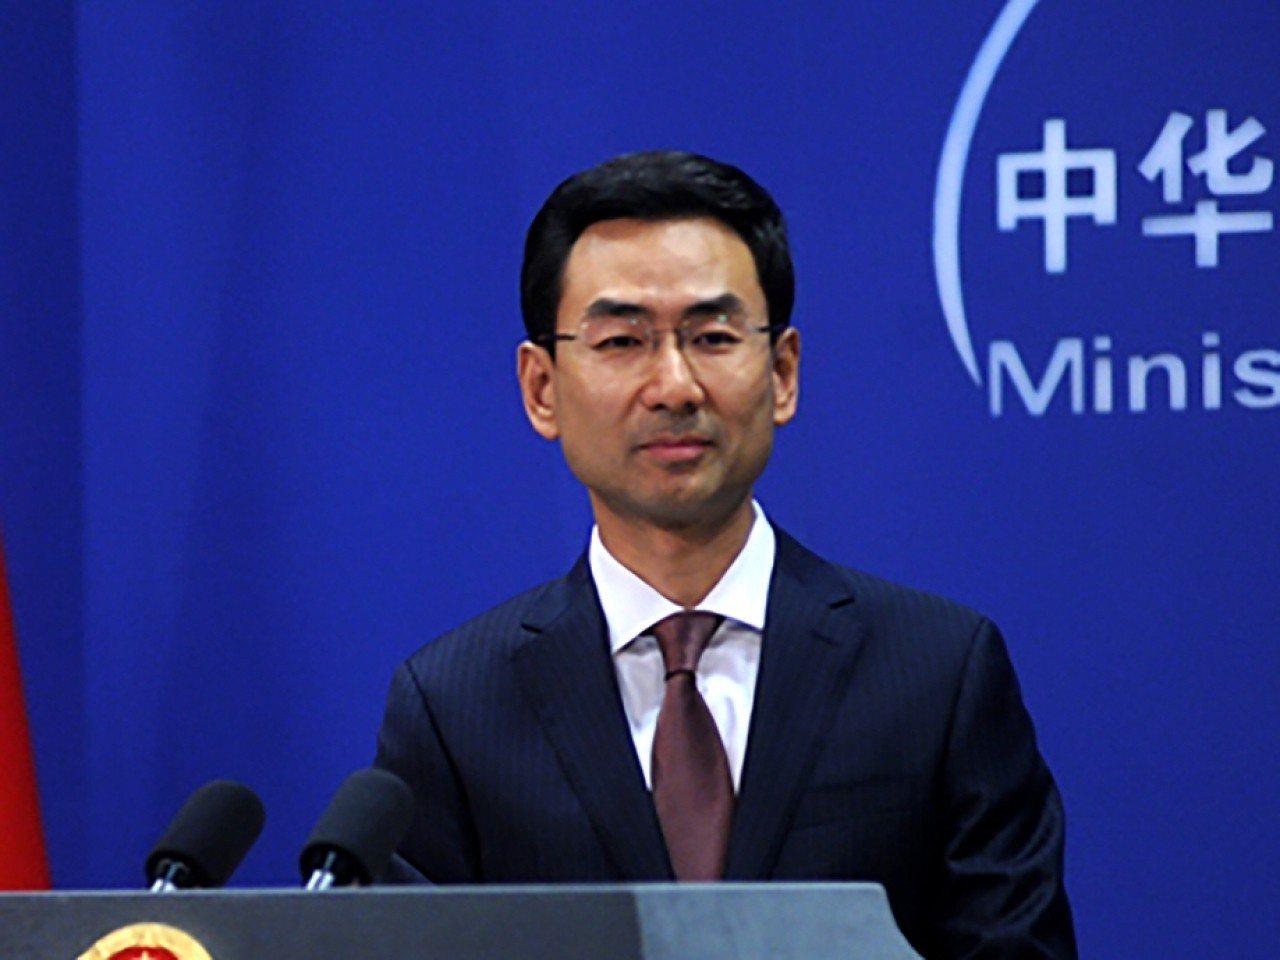 中國外交部發言人耿爽。圖/香港電台